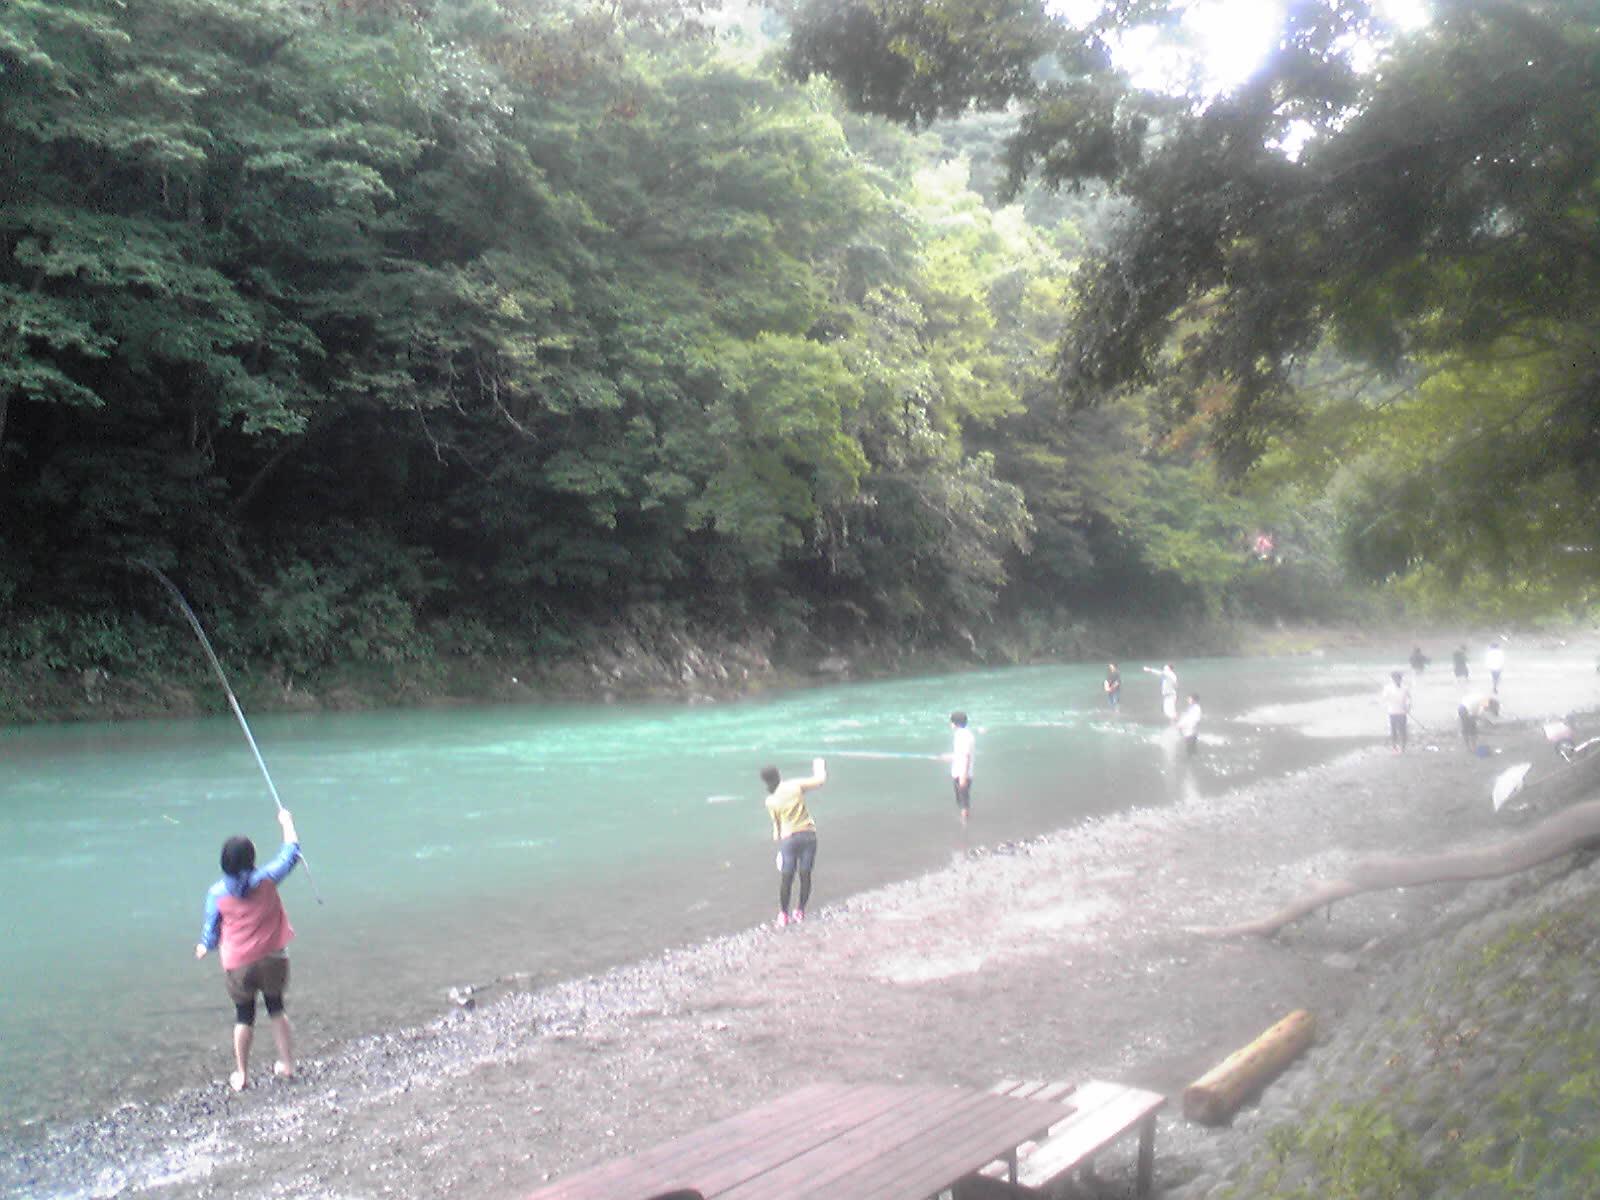 秋川渓谷釣り風景 秋川渓谷 キャンピングコテージ伊奈キャンプ村ブログ